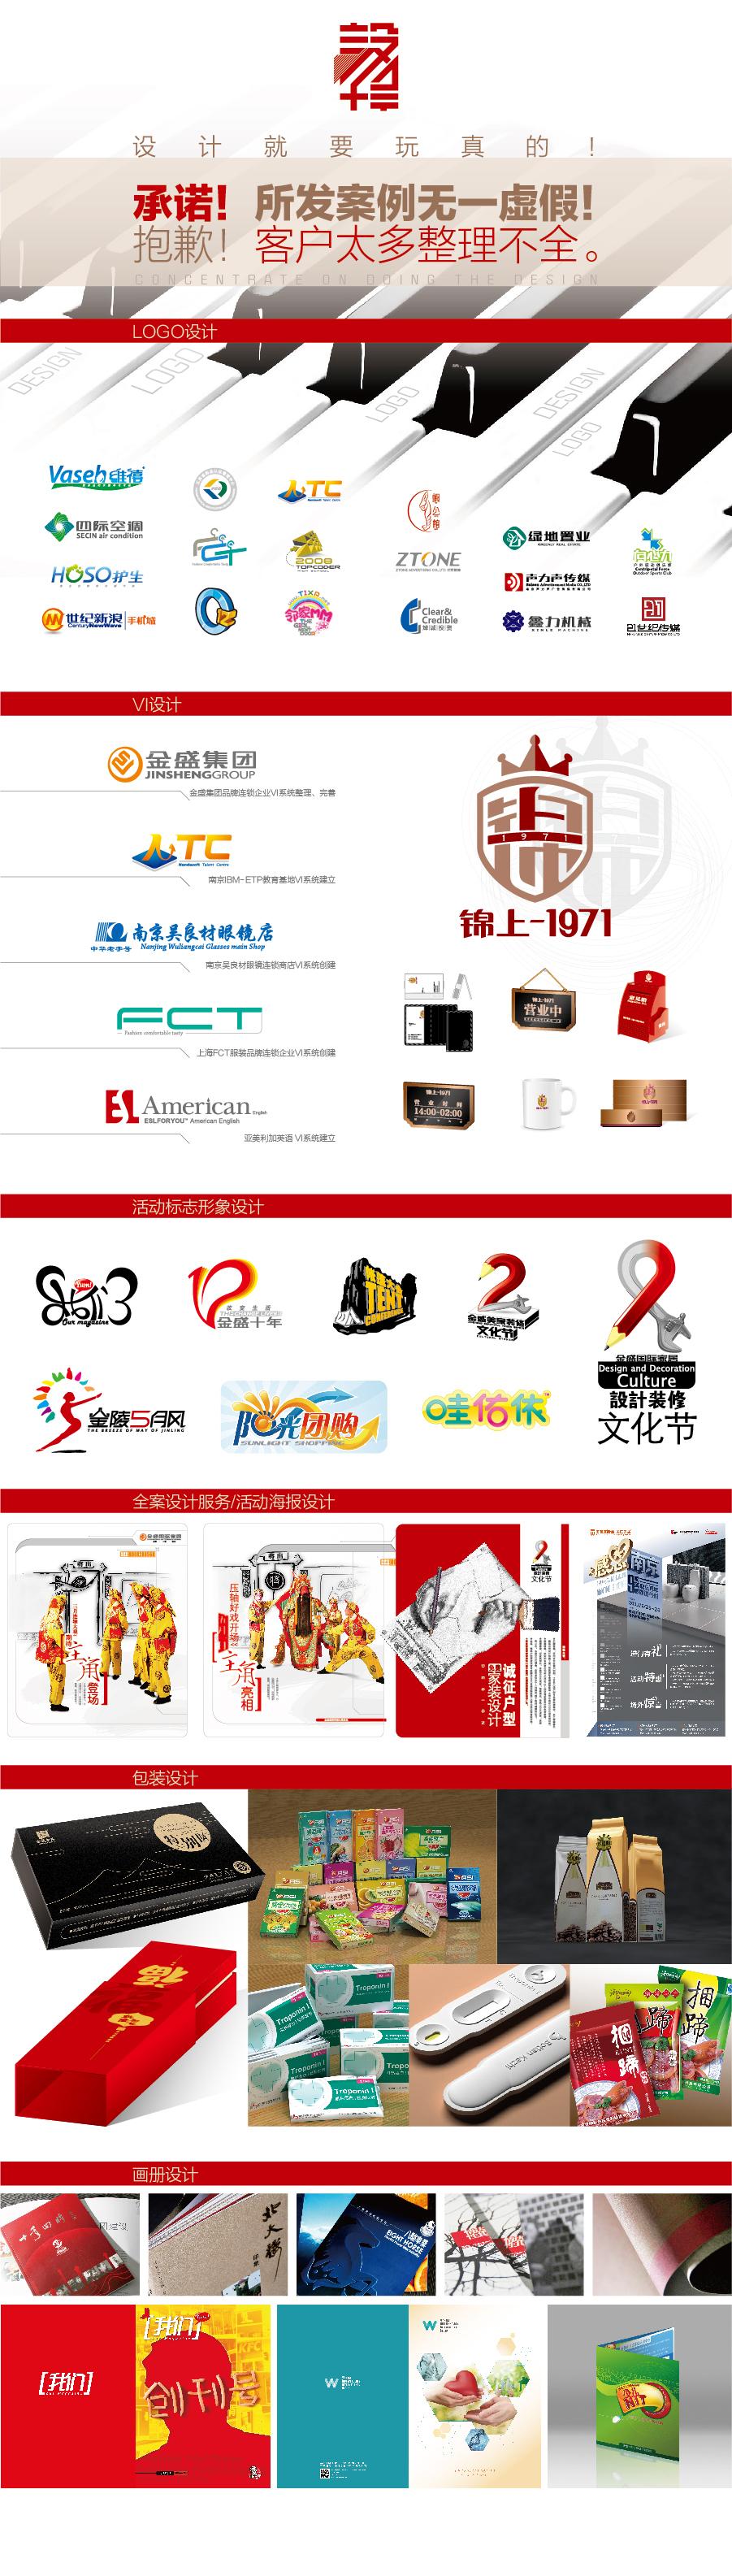 其它宣传品设计_平面设计/印刷品设计/招贴设计/补差价/古檤设计1